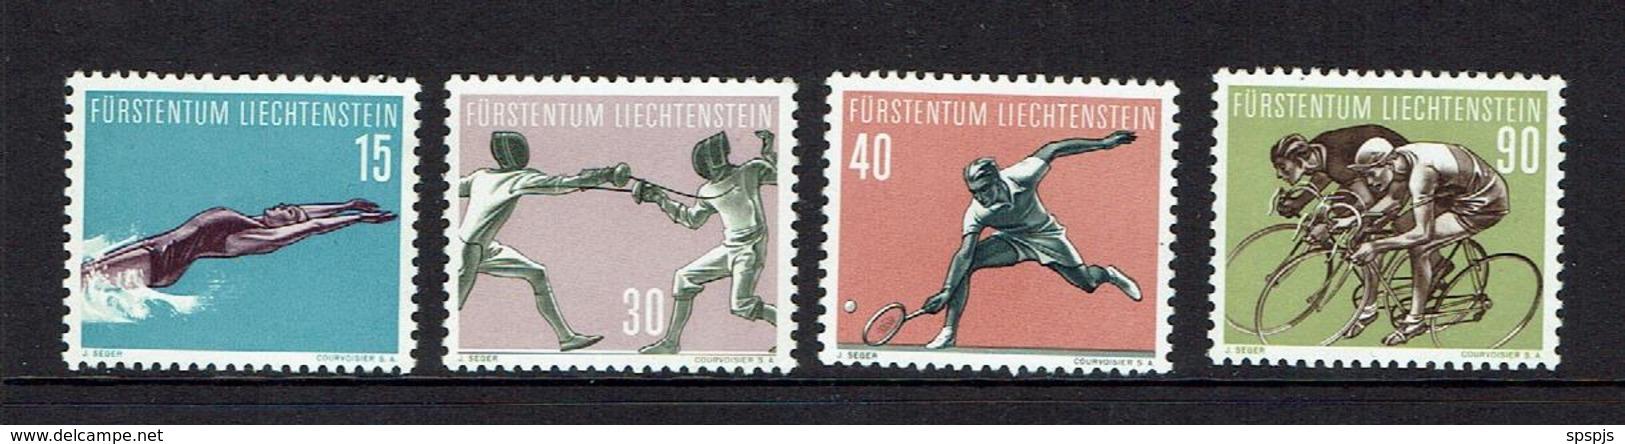 LIECHTENSTEIN...1958...MNH - Liechtenstein